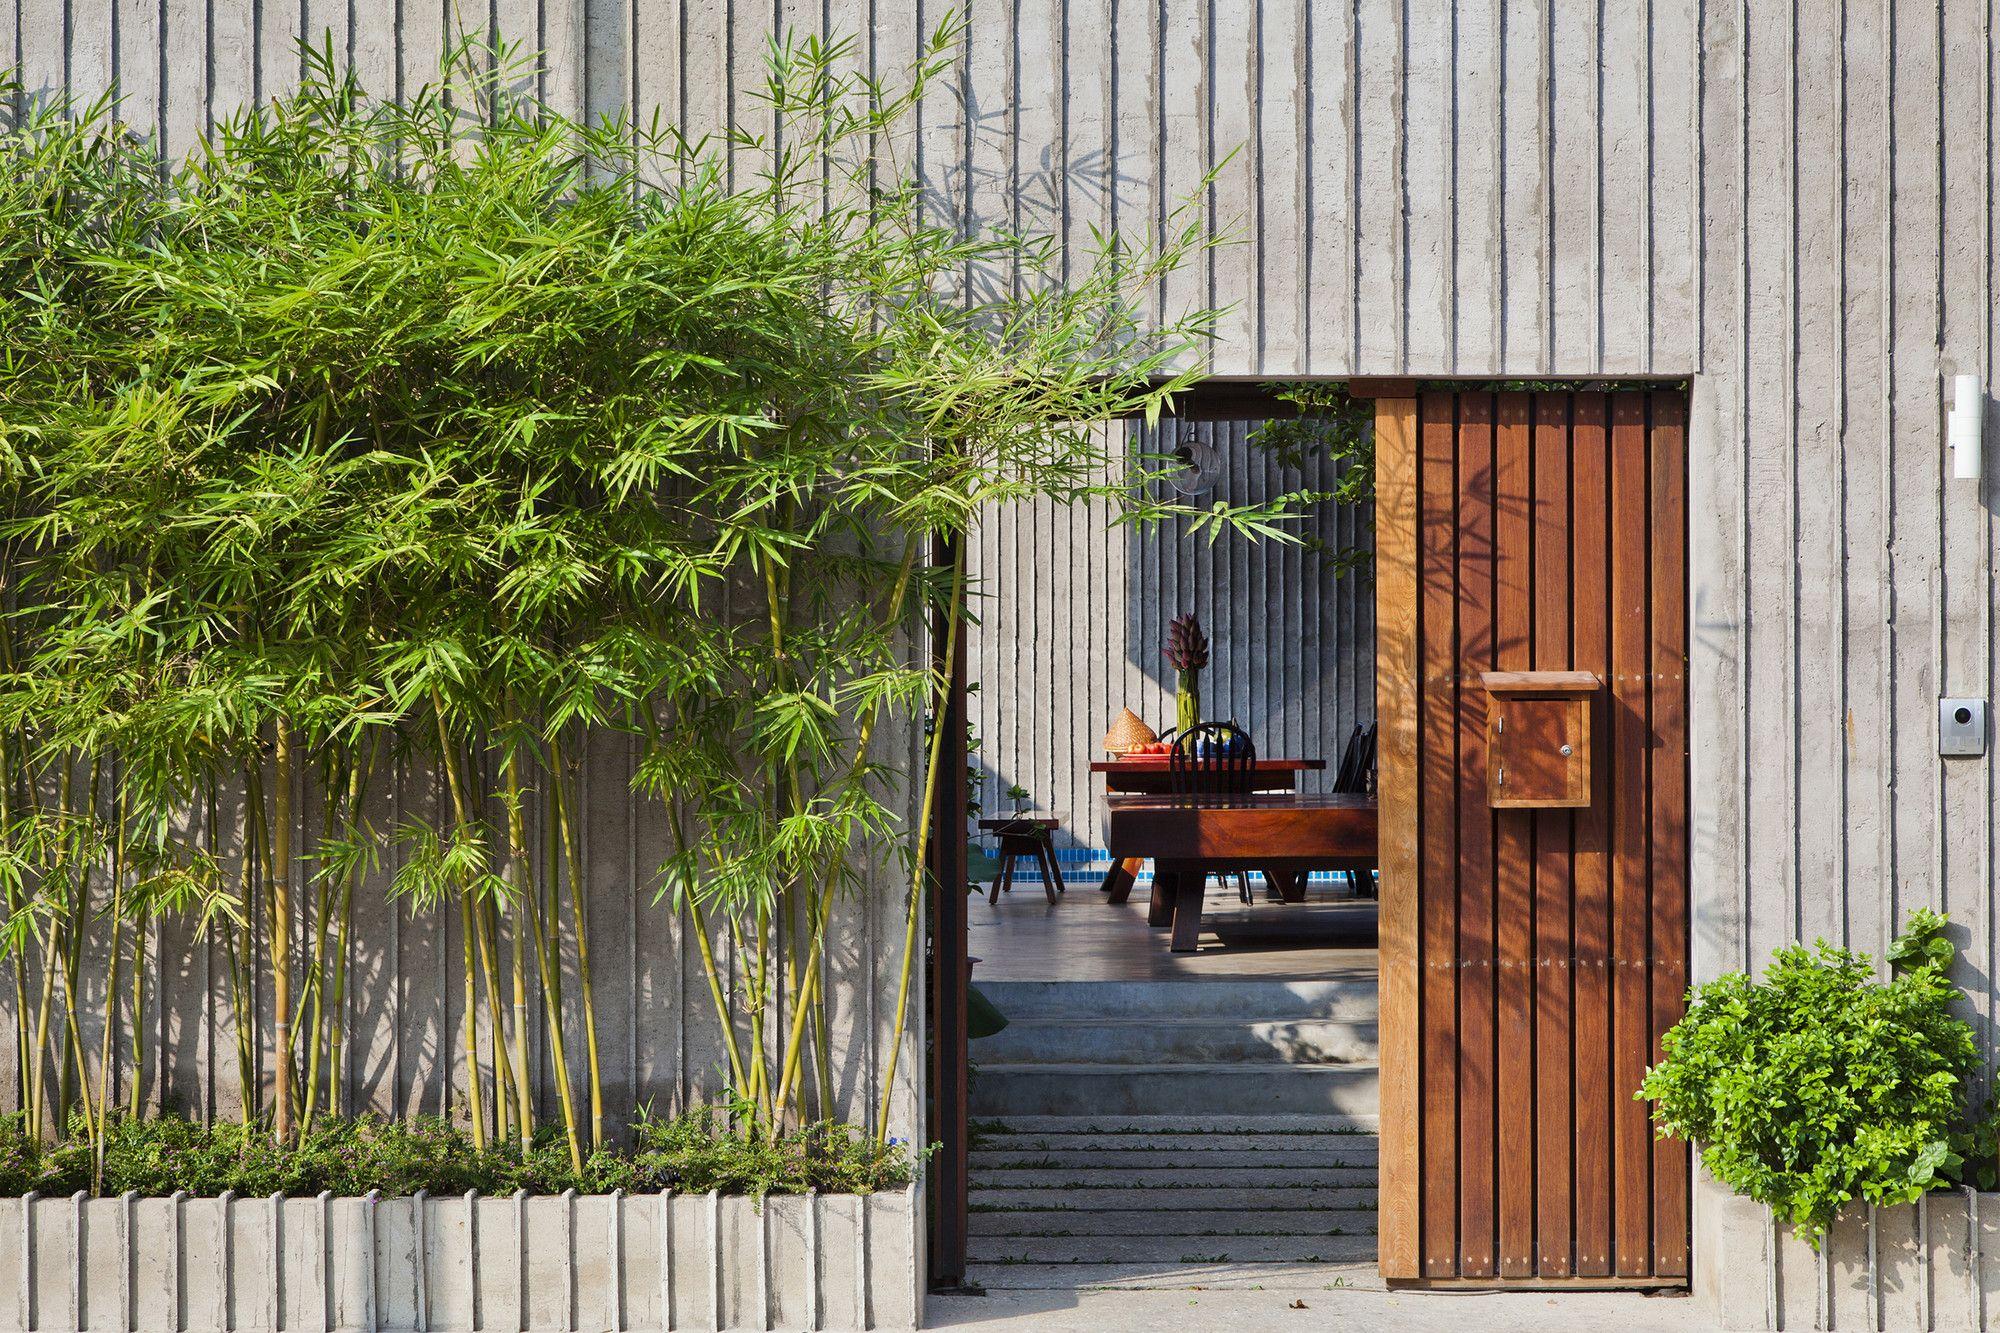 Hướng dẫn những vị trí đặt cây cảnh trong nhà tốt cho phong thủy - Ảnh 2.